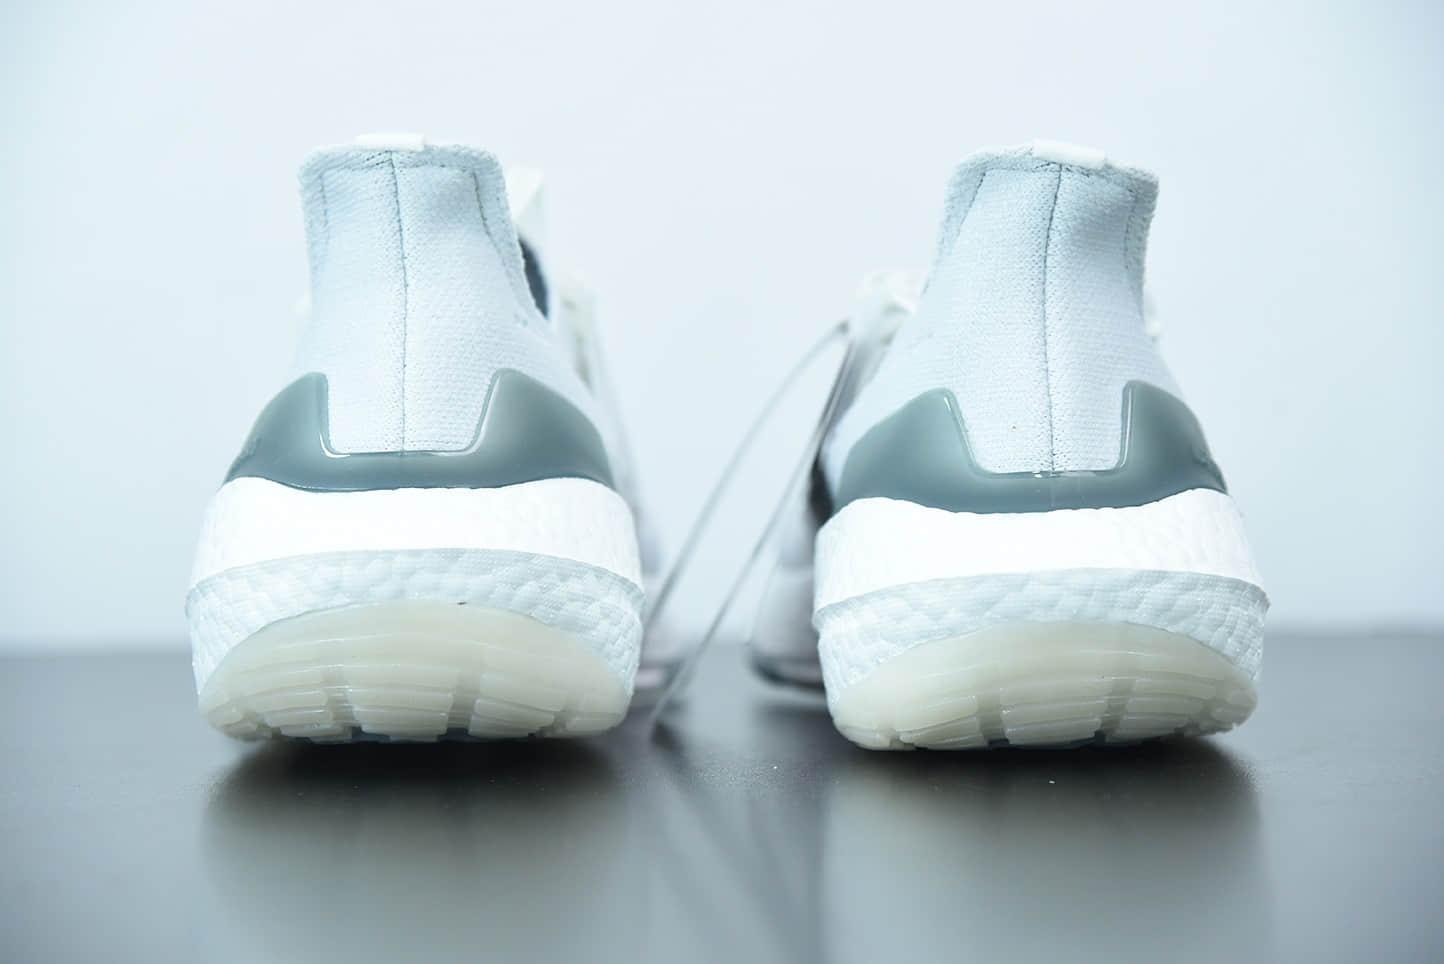 阿迪达斯 Adidas ultra boost 2021系列白灰配色袜套式针织鞋面休闲运动慢跑鞋纯原版本 货号:FY0383